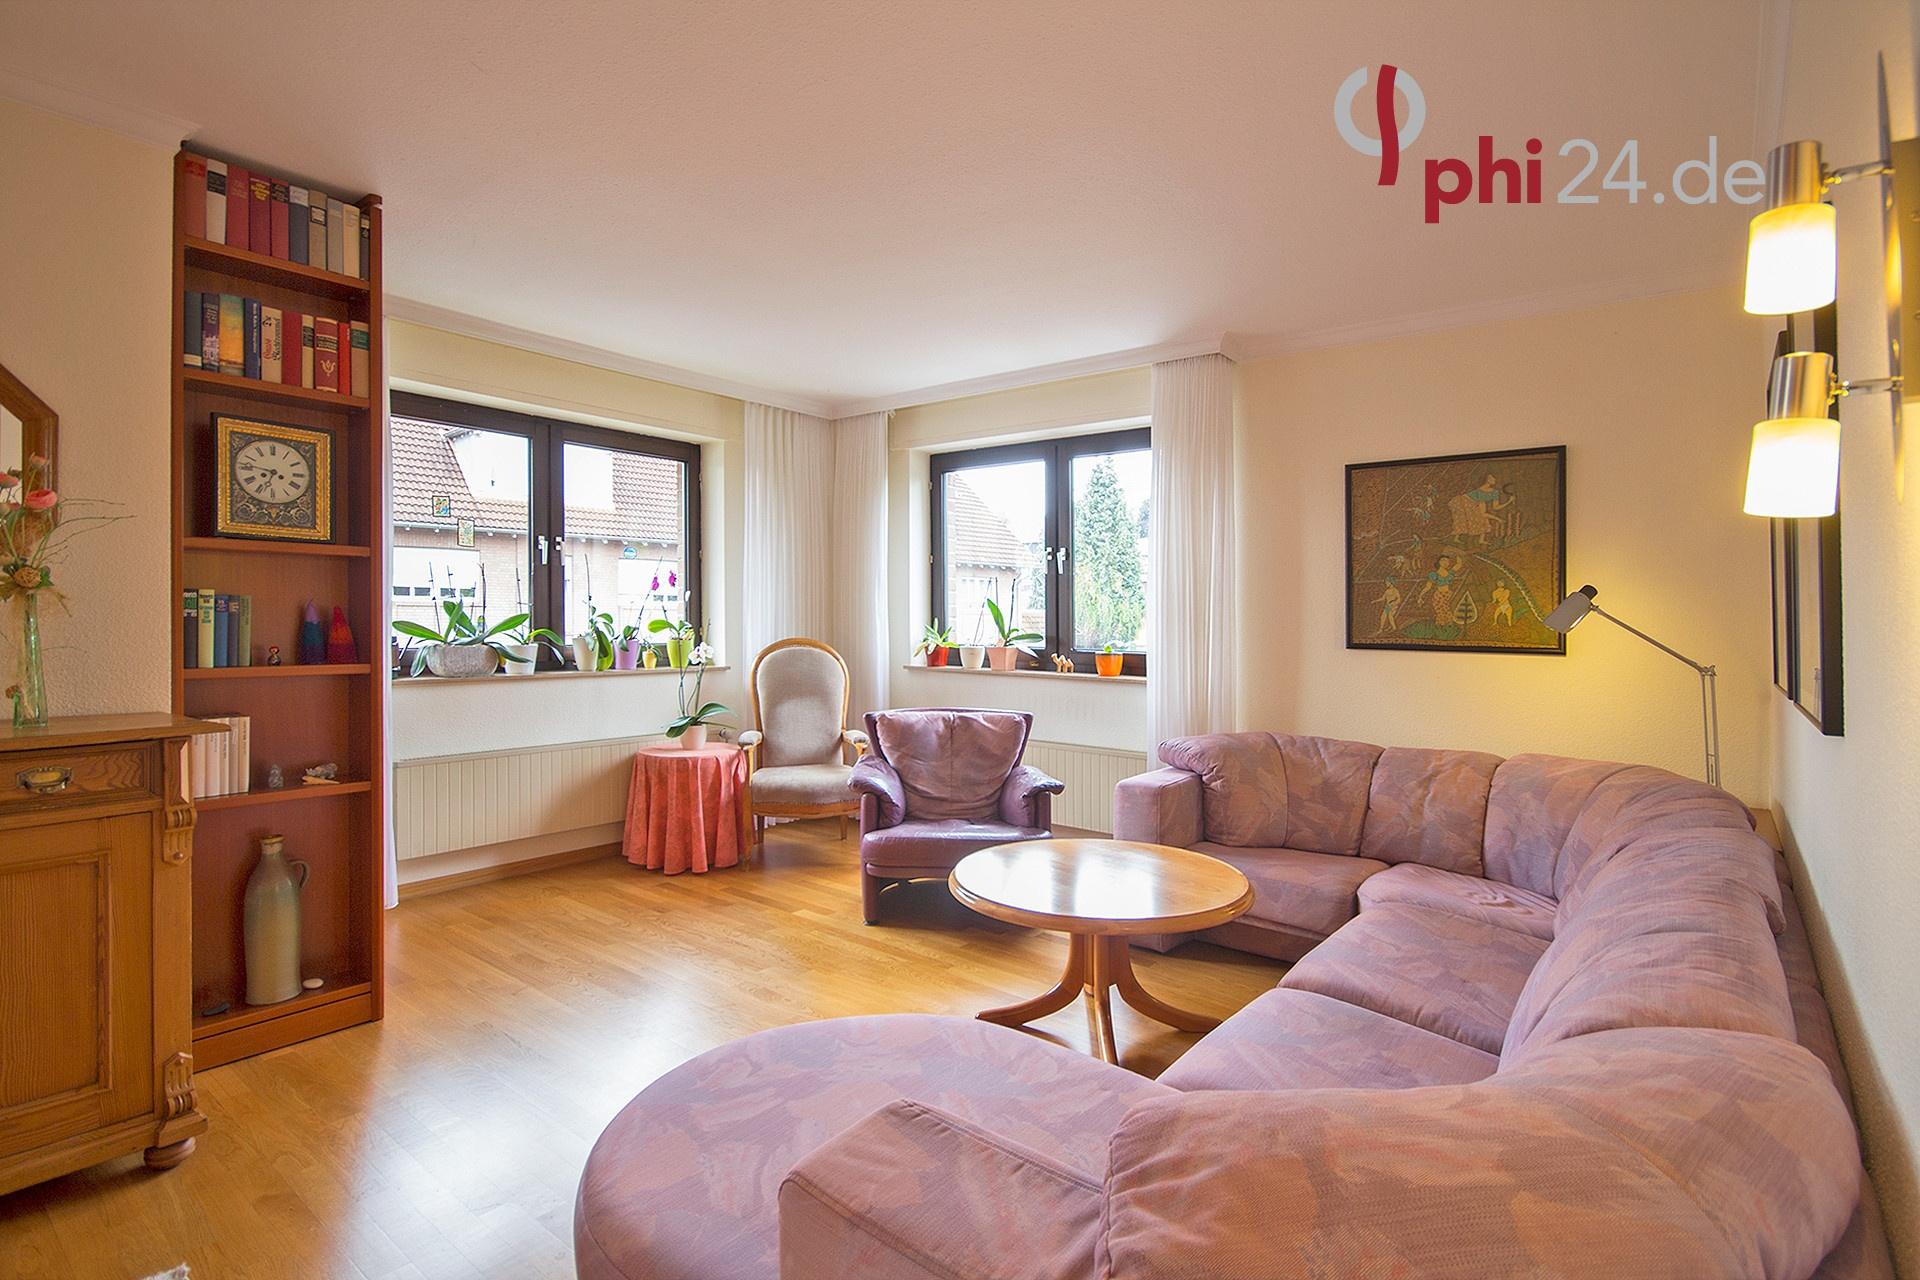 Immobilienmakler Baesweiler Etagenwohnung referenzen mit Immobilienbewertung